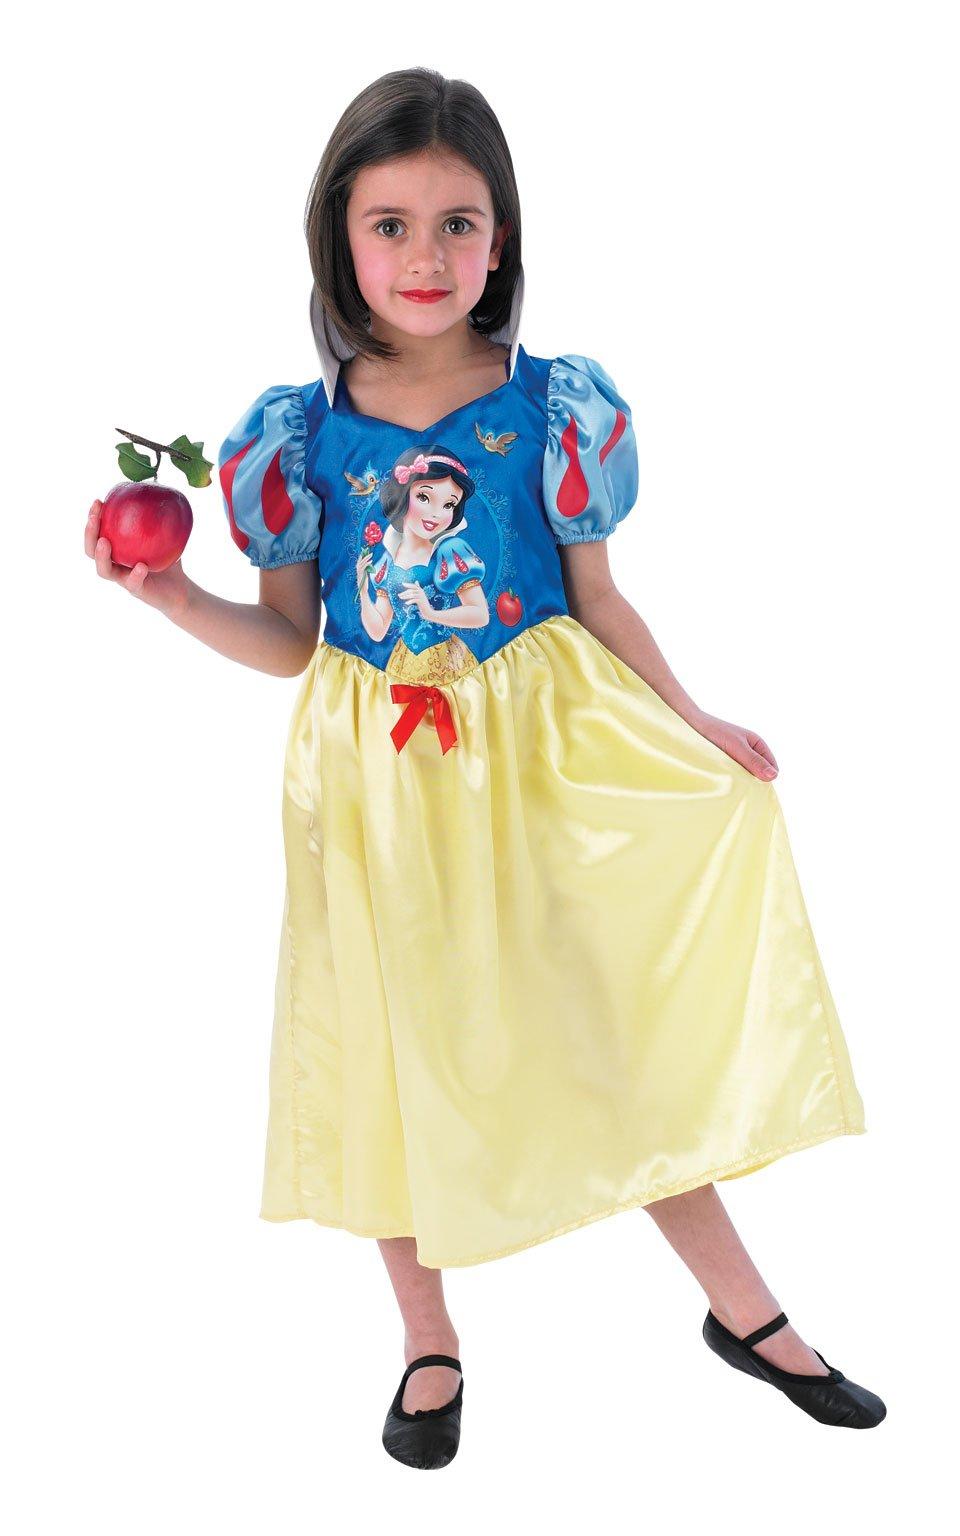 Rubie's-déguisement officiel - Disney- Déguisement Classique Pour Enfant  Storytime  Blanche- Neige -Taille M- CS889552/M product image